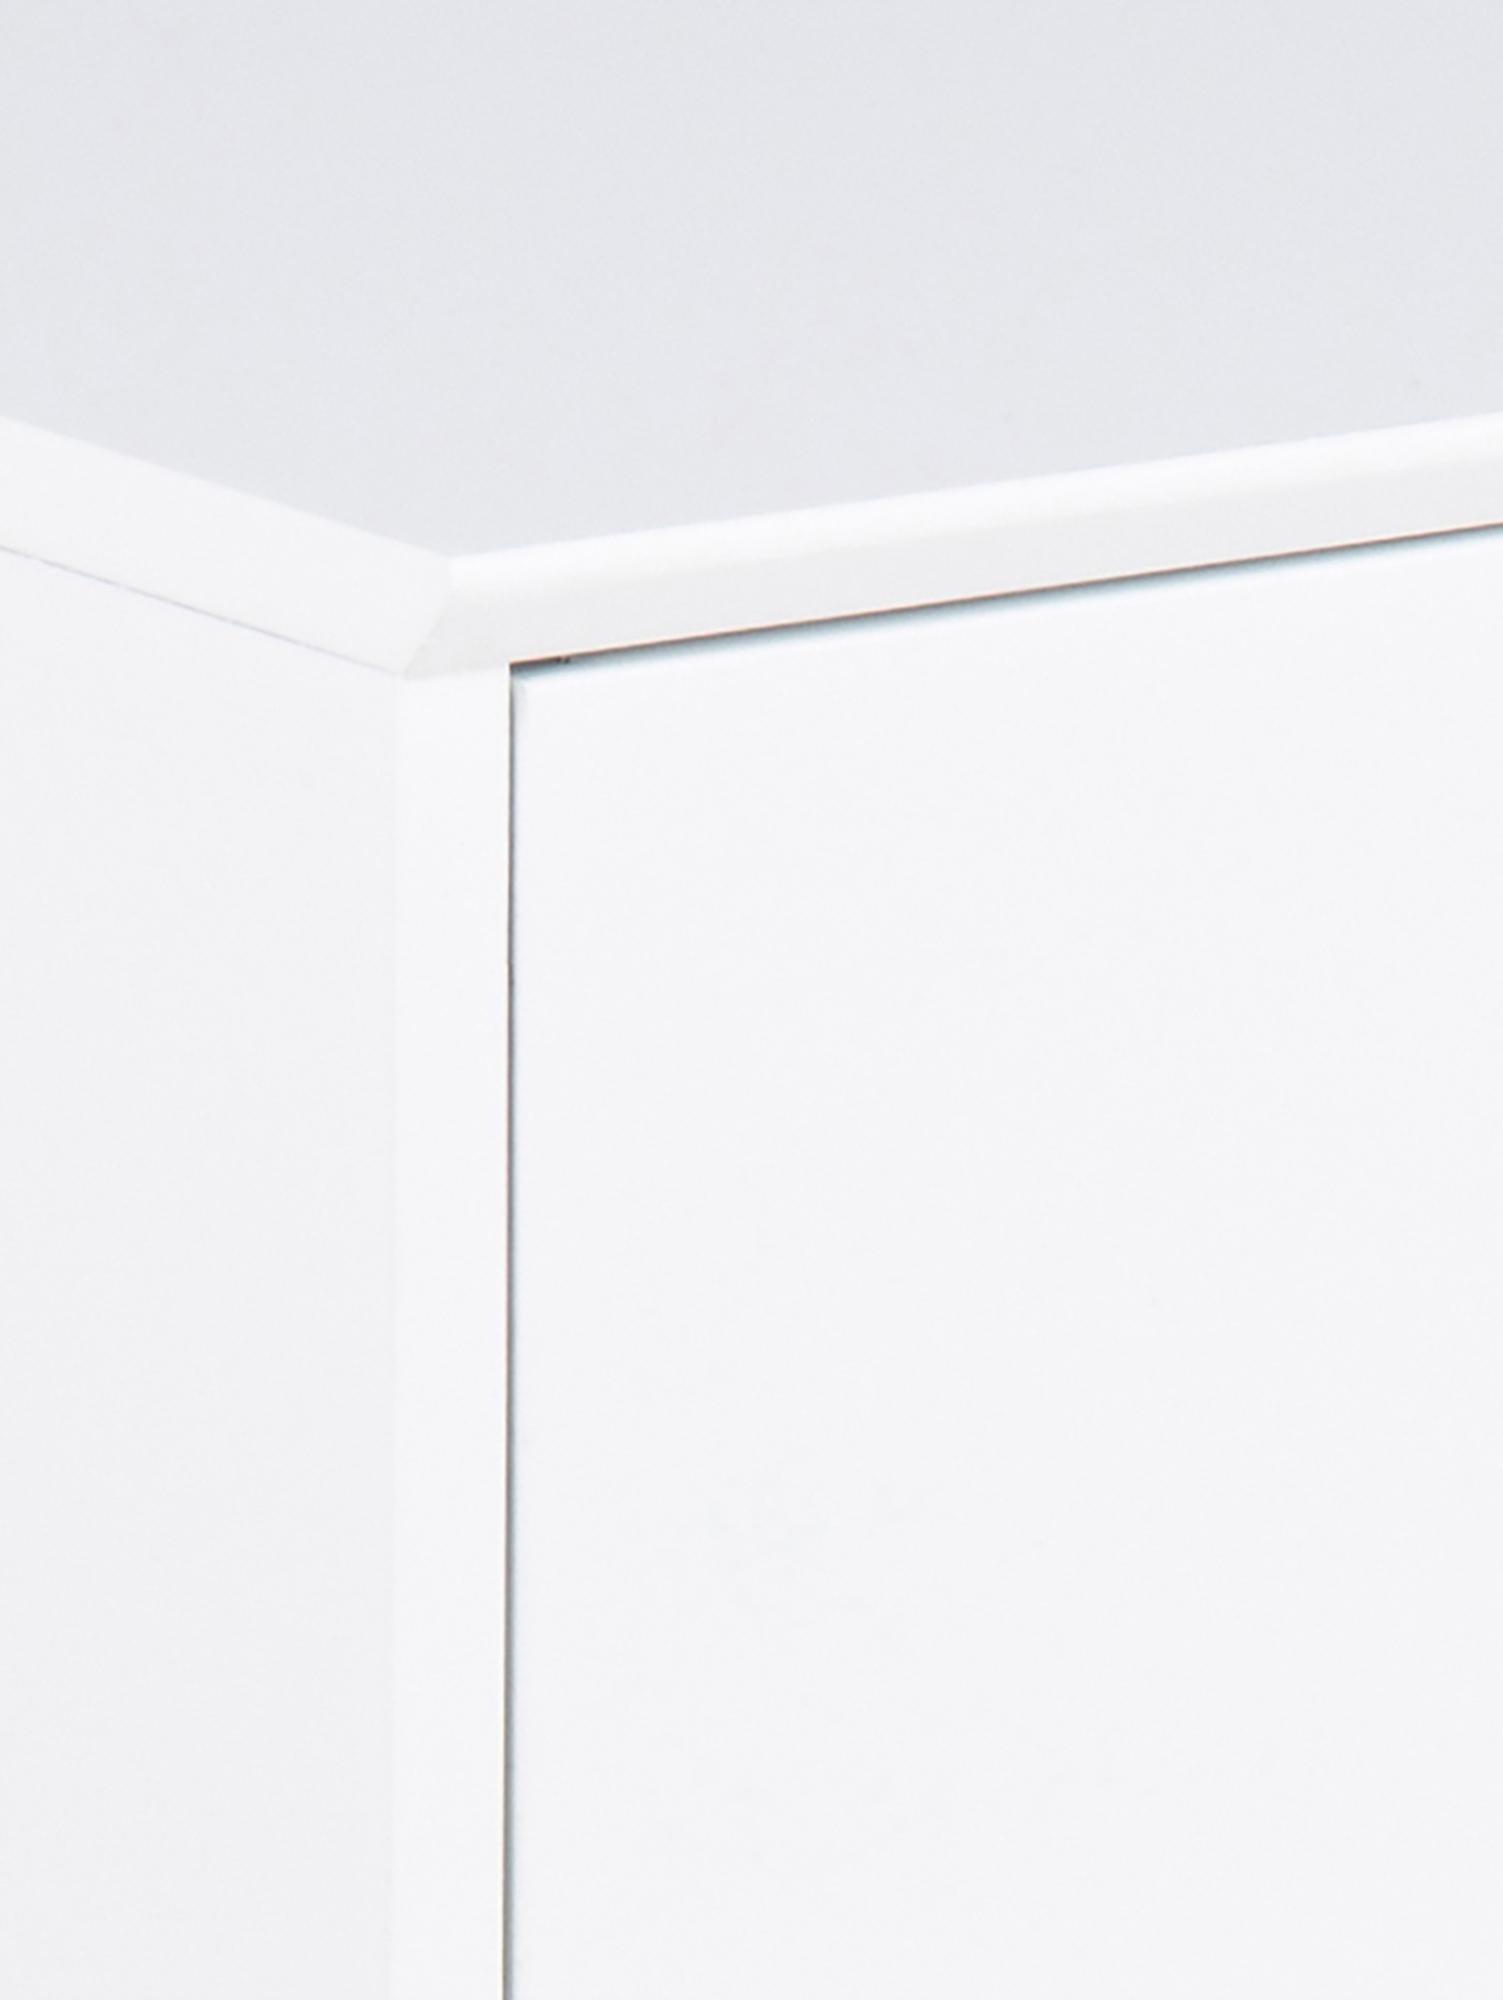 Nachttisch Mitra mit Schublade, Mitteldichte Holzfaserplatte (MDF), lackiert, Metall, pulverbeschichtet, Weiß, 40 x 62 cm